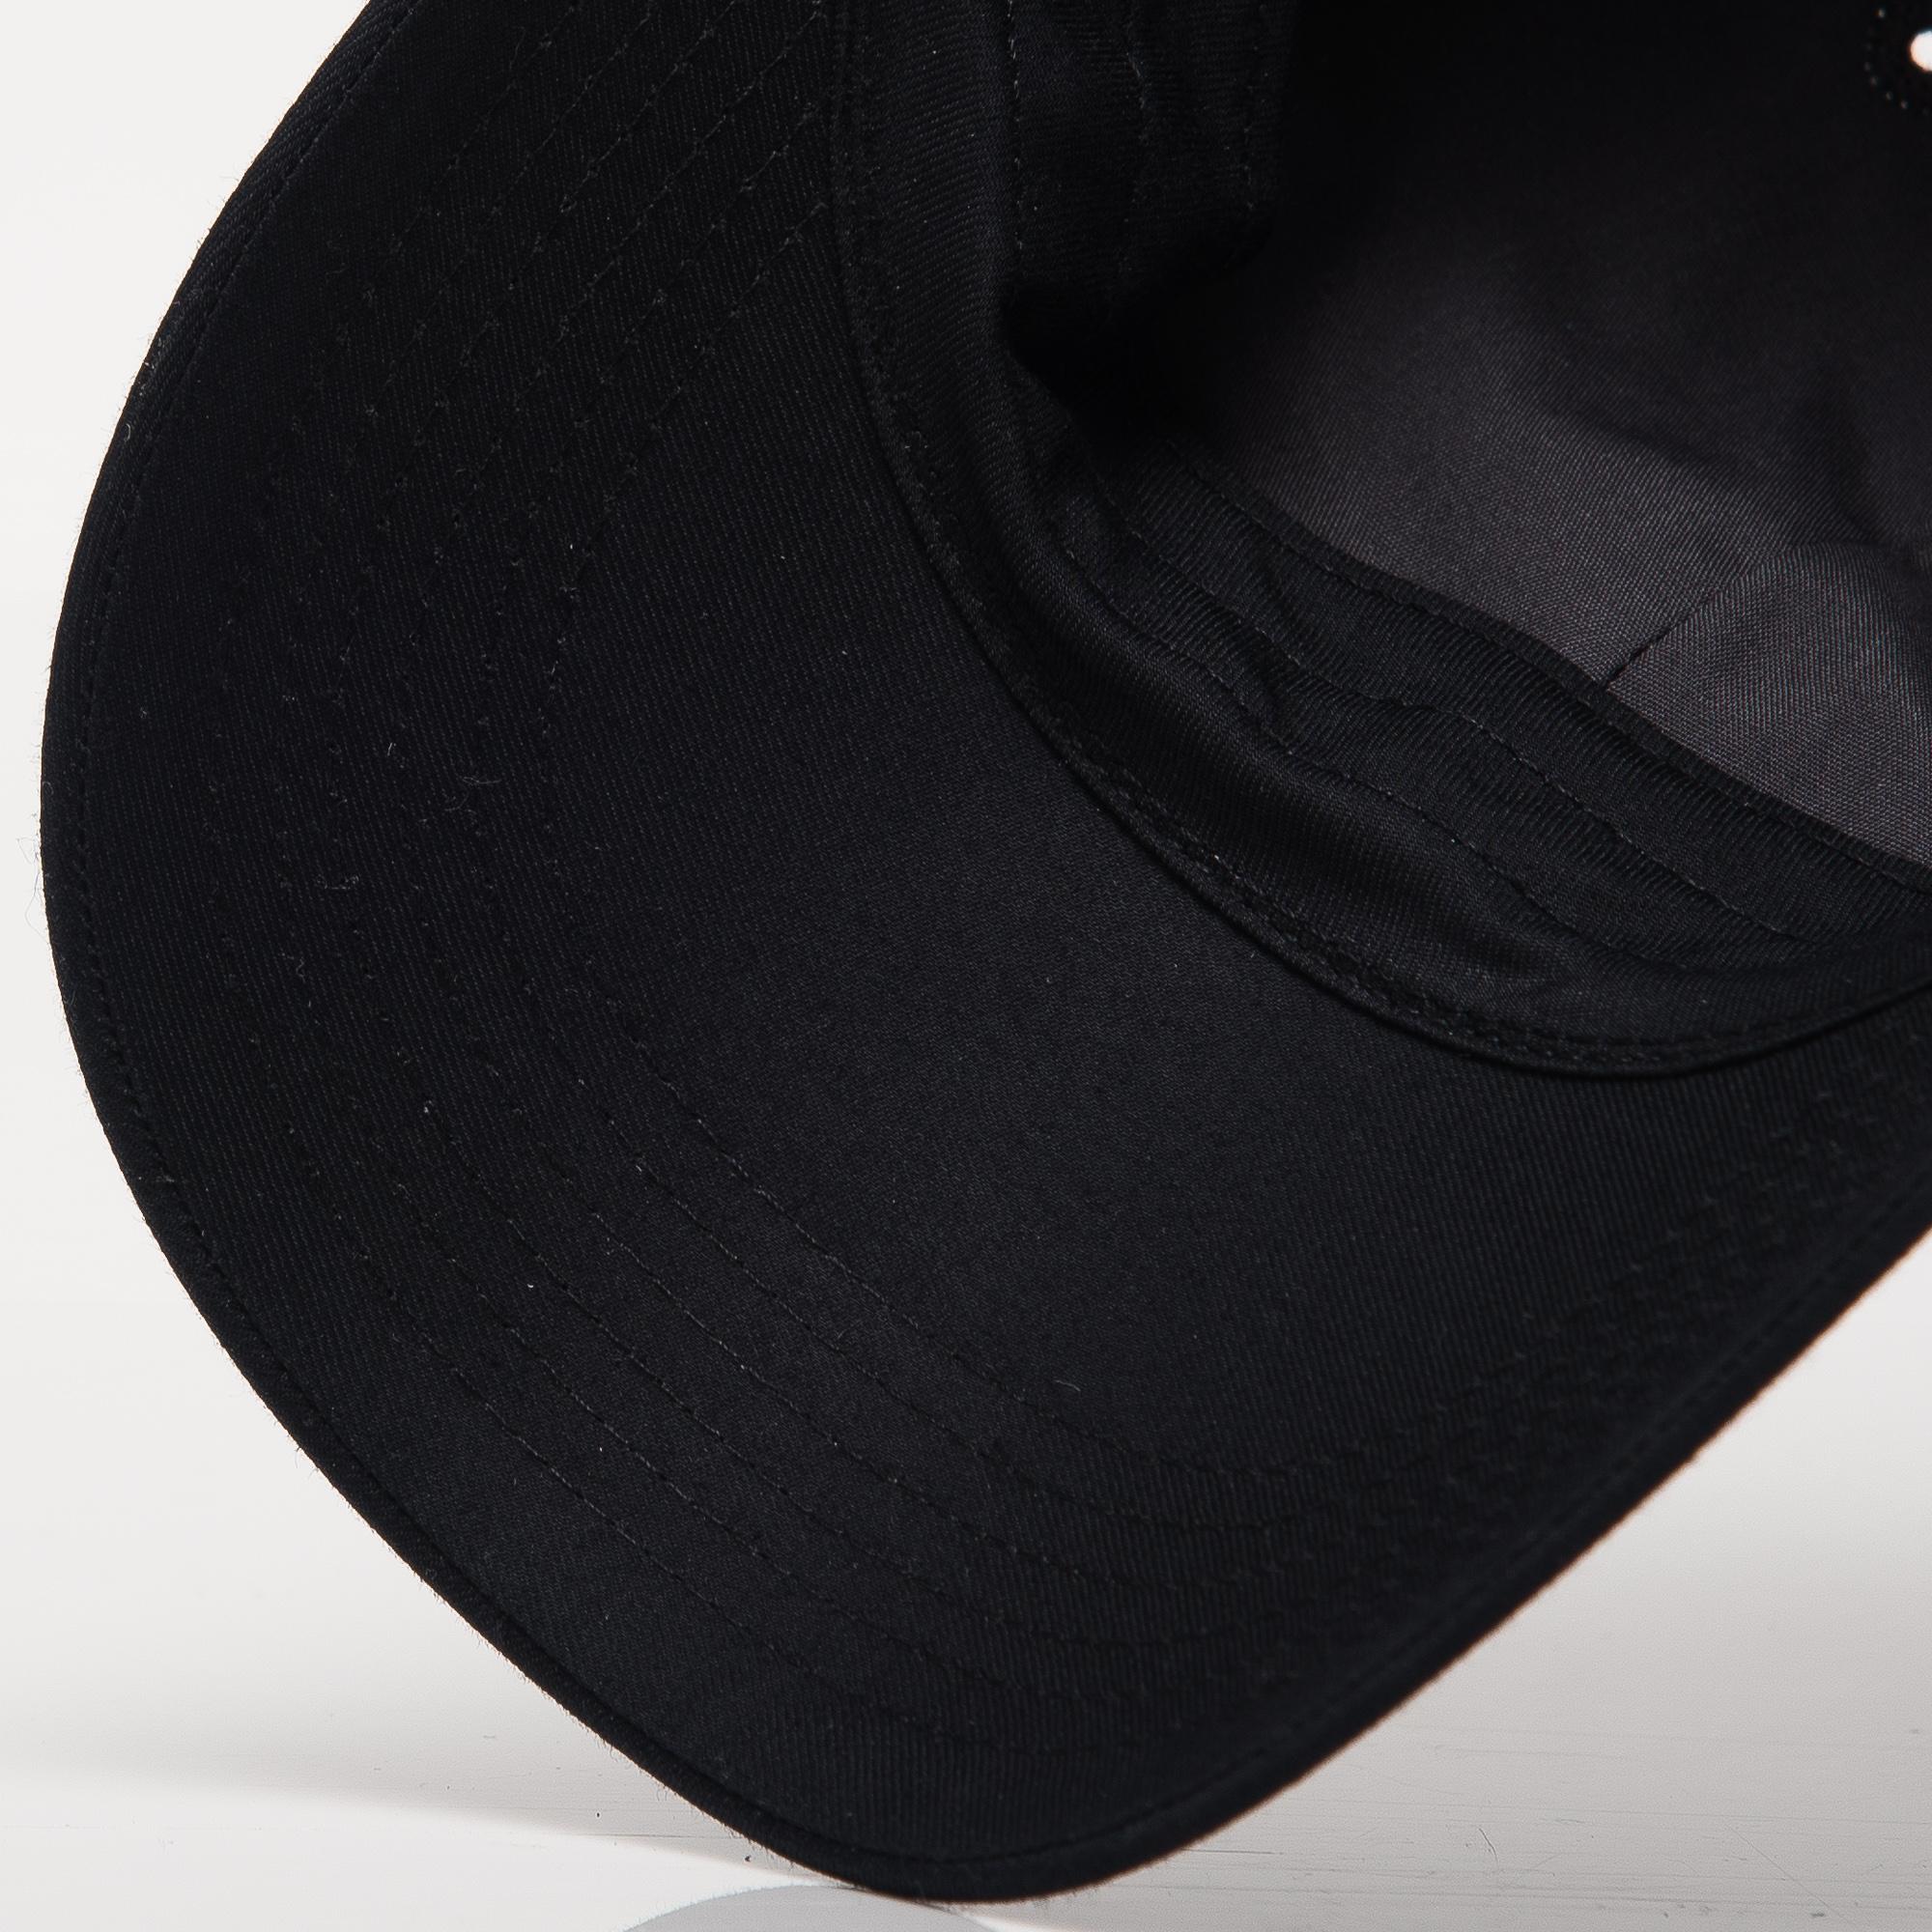 06c7cf010d20 Nike Air Max 95 Cap - SPORTING GOODS Caps